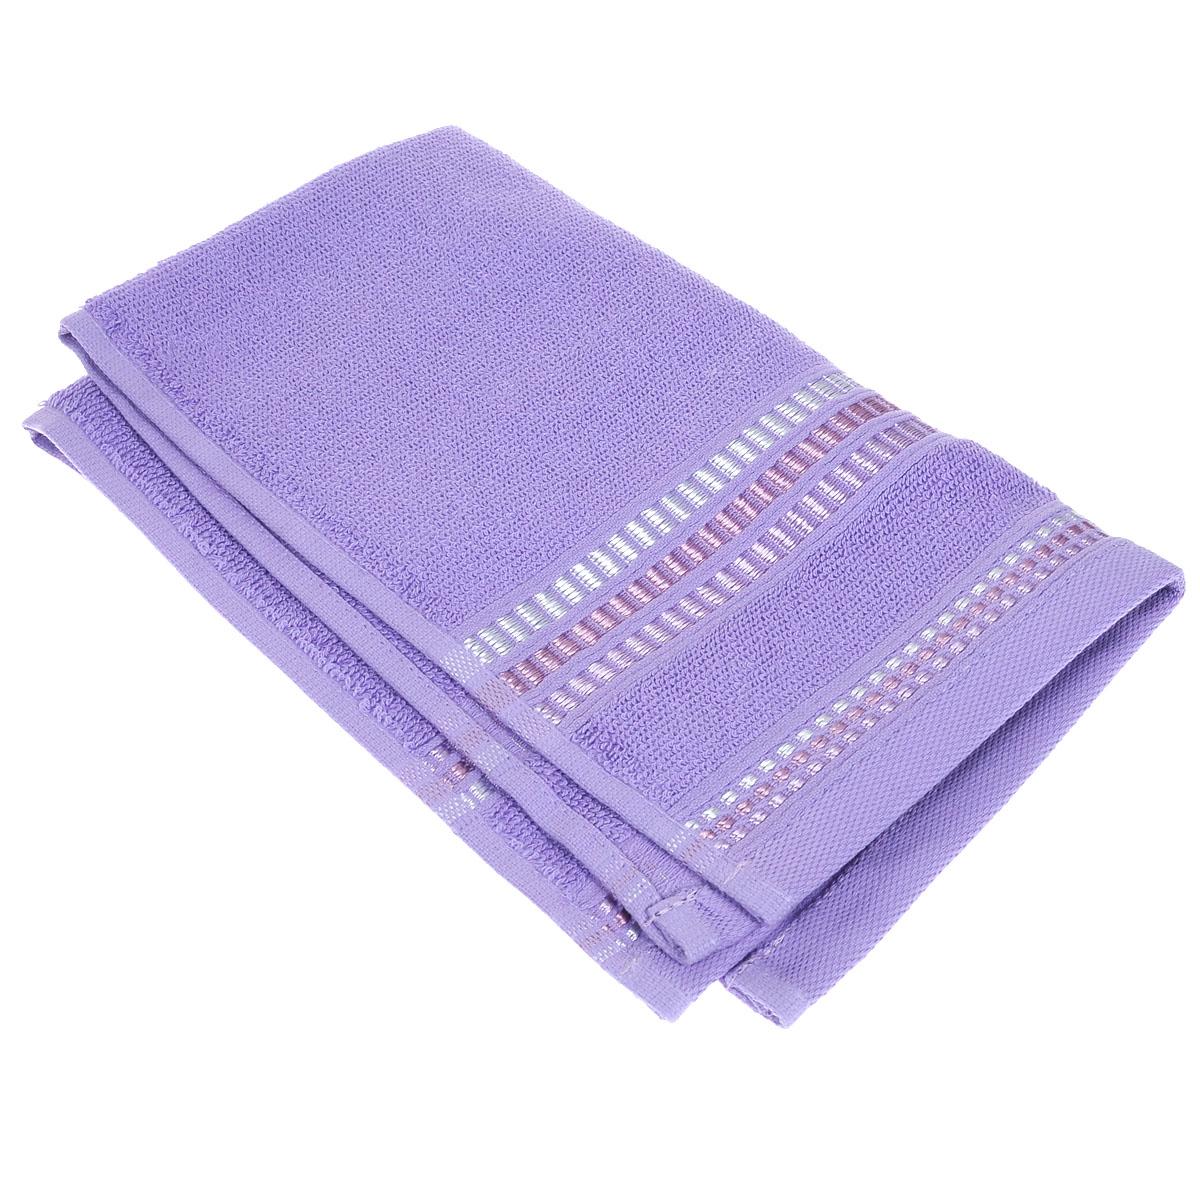 Полотенце махровое Coronet Пиано, цвет: светло-лиловый, 30 см х 50 смБ-МП-2020-08-09Махровое полотенце Coronet Пиано, изготовленное из натурального хлопка, подарит массу положительных эмоций и приятных ощущений. Полотенце отличается нежностью и мягкостью материала, утонченным дизайном и превосходным качеством. Оно прекрасно впитывает влагу, быстро сохнет и не теряет своих свойств после многократных стирок. Махровое полотенце Coronet Пиано станет достойным выбором для вас и приятным подарком для ваших близких. Мягкость и высокое качество материала, из которого изготовлены полотенца не оставит вас равнодушными.